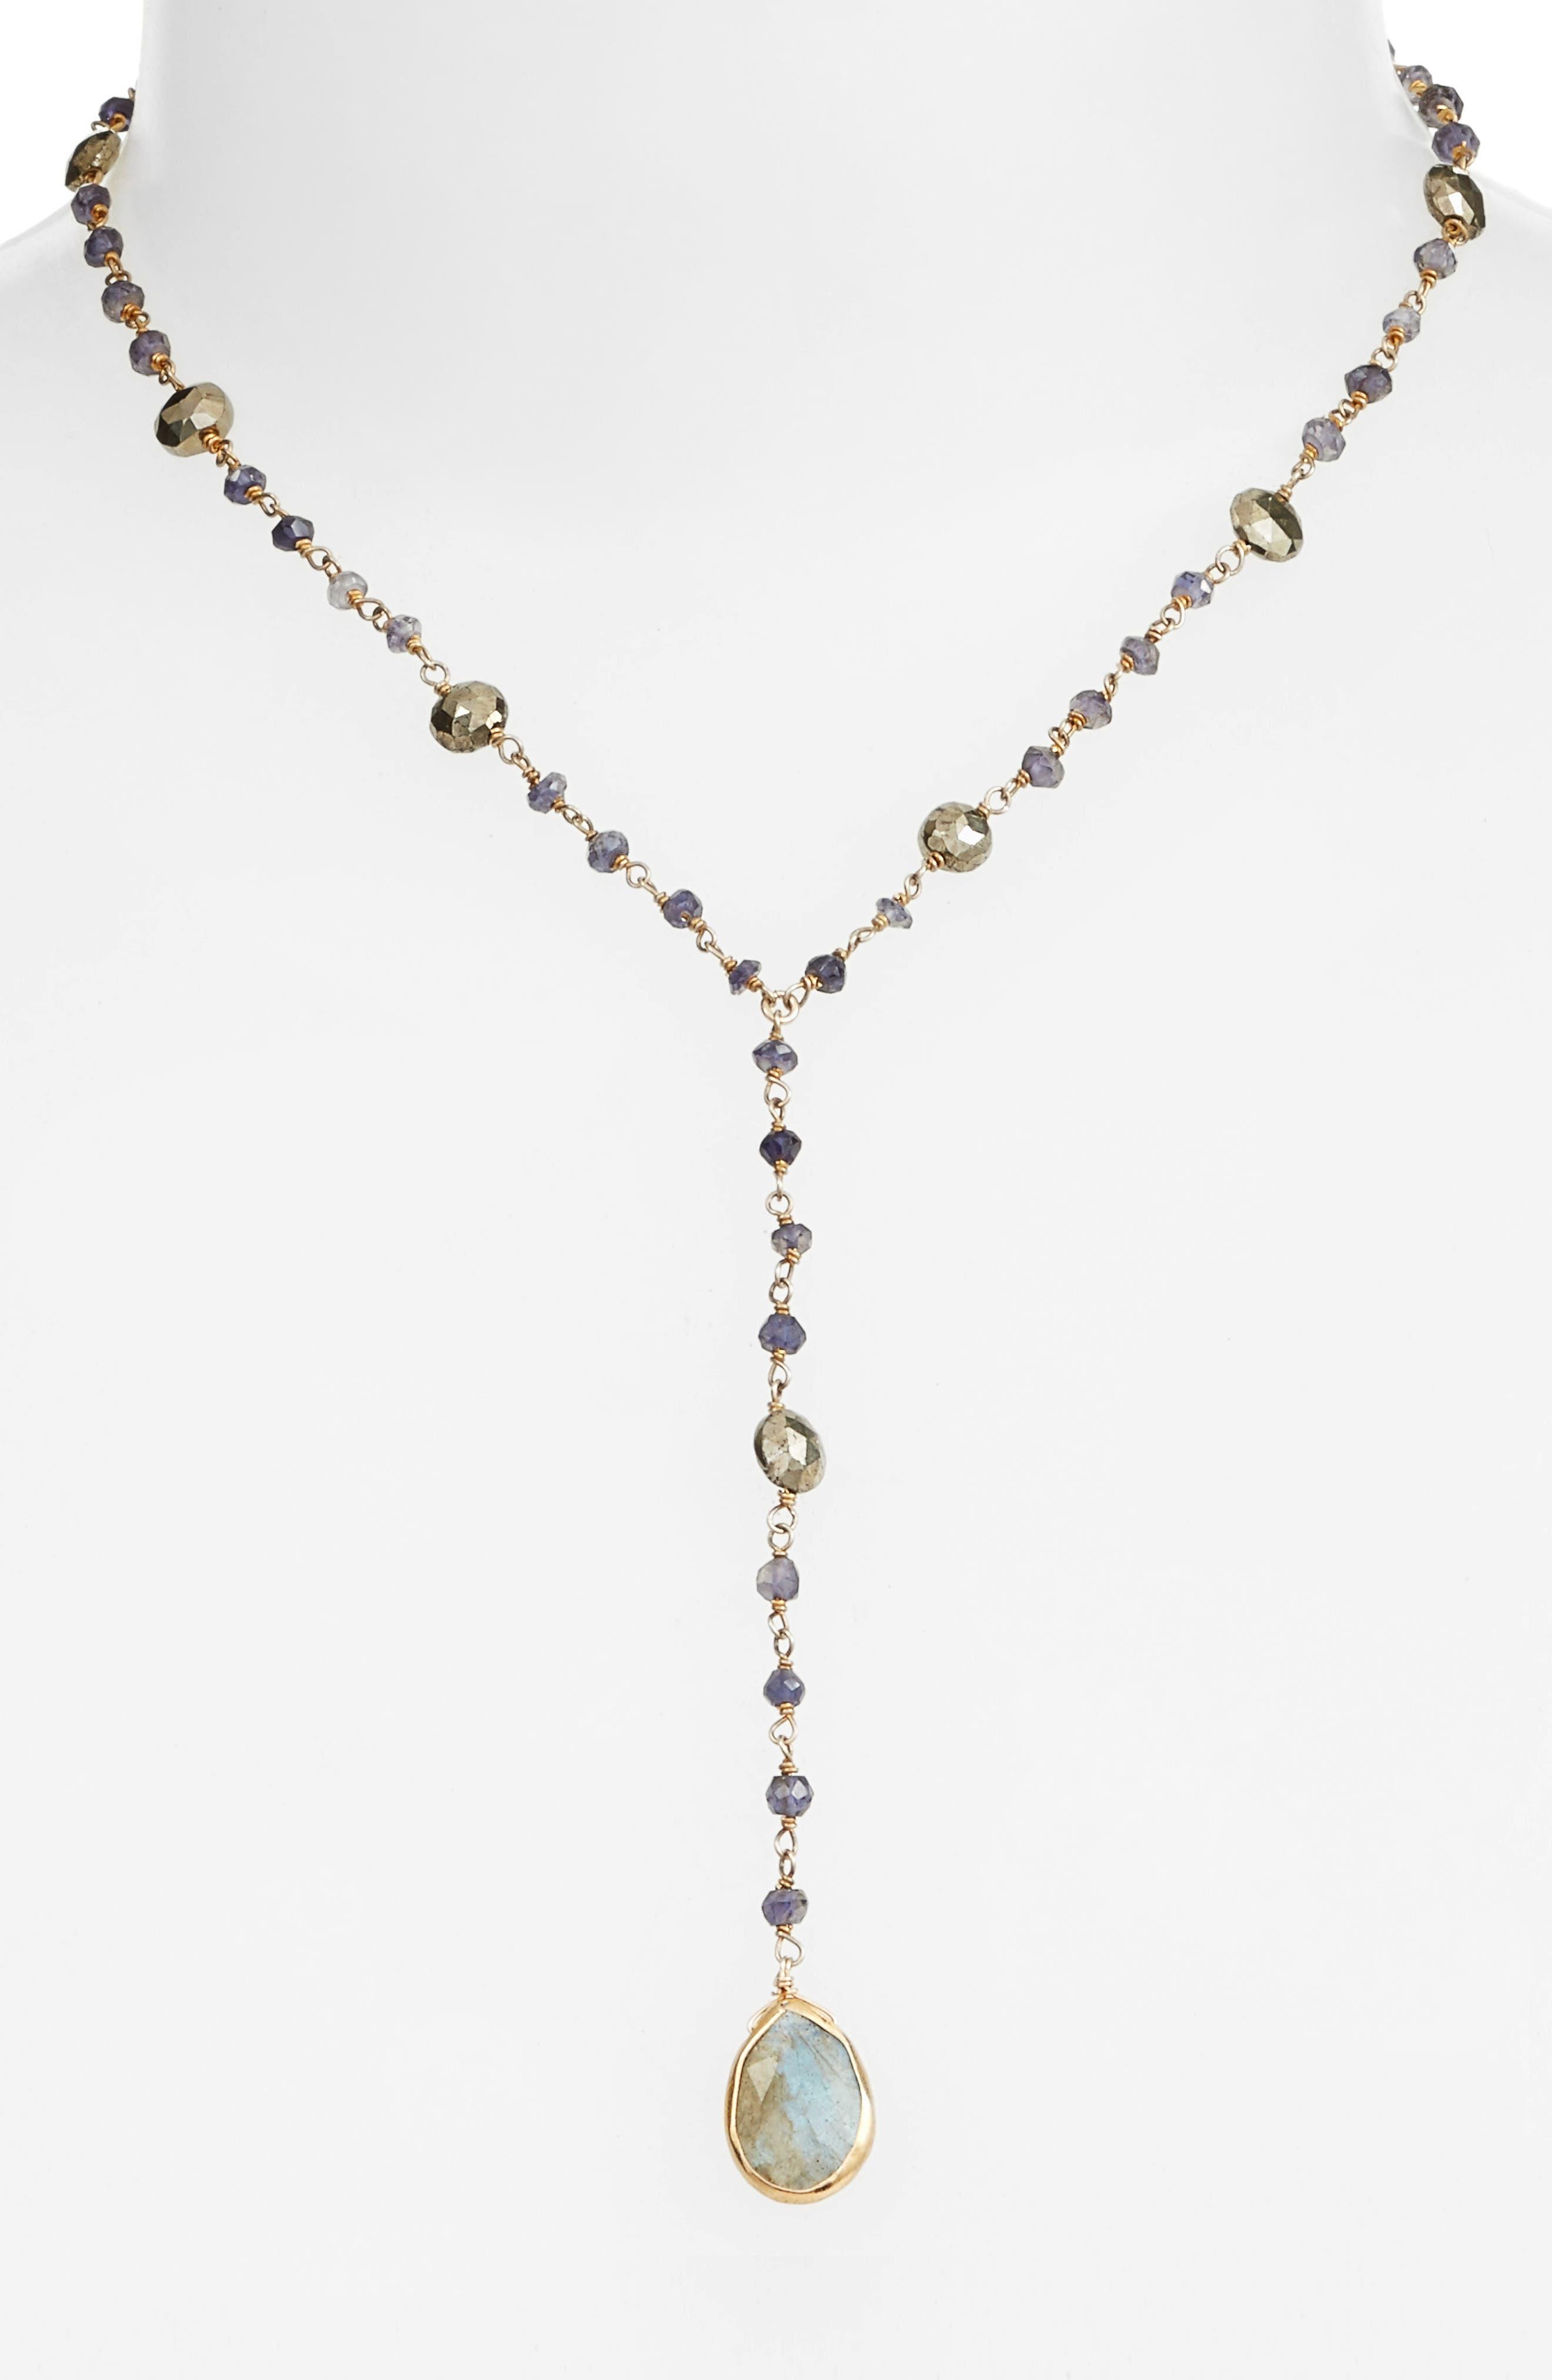 Yaeli Midi Satellite Semiprecious Stone Y-Necklace,                         Main,                         color, Iolite / Pyrite